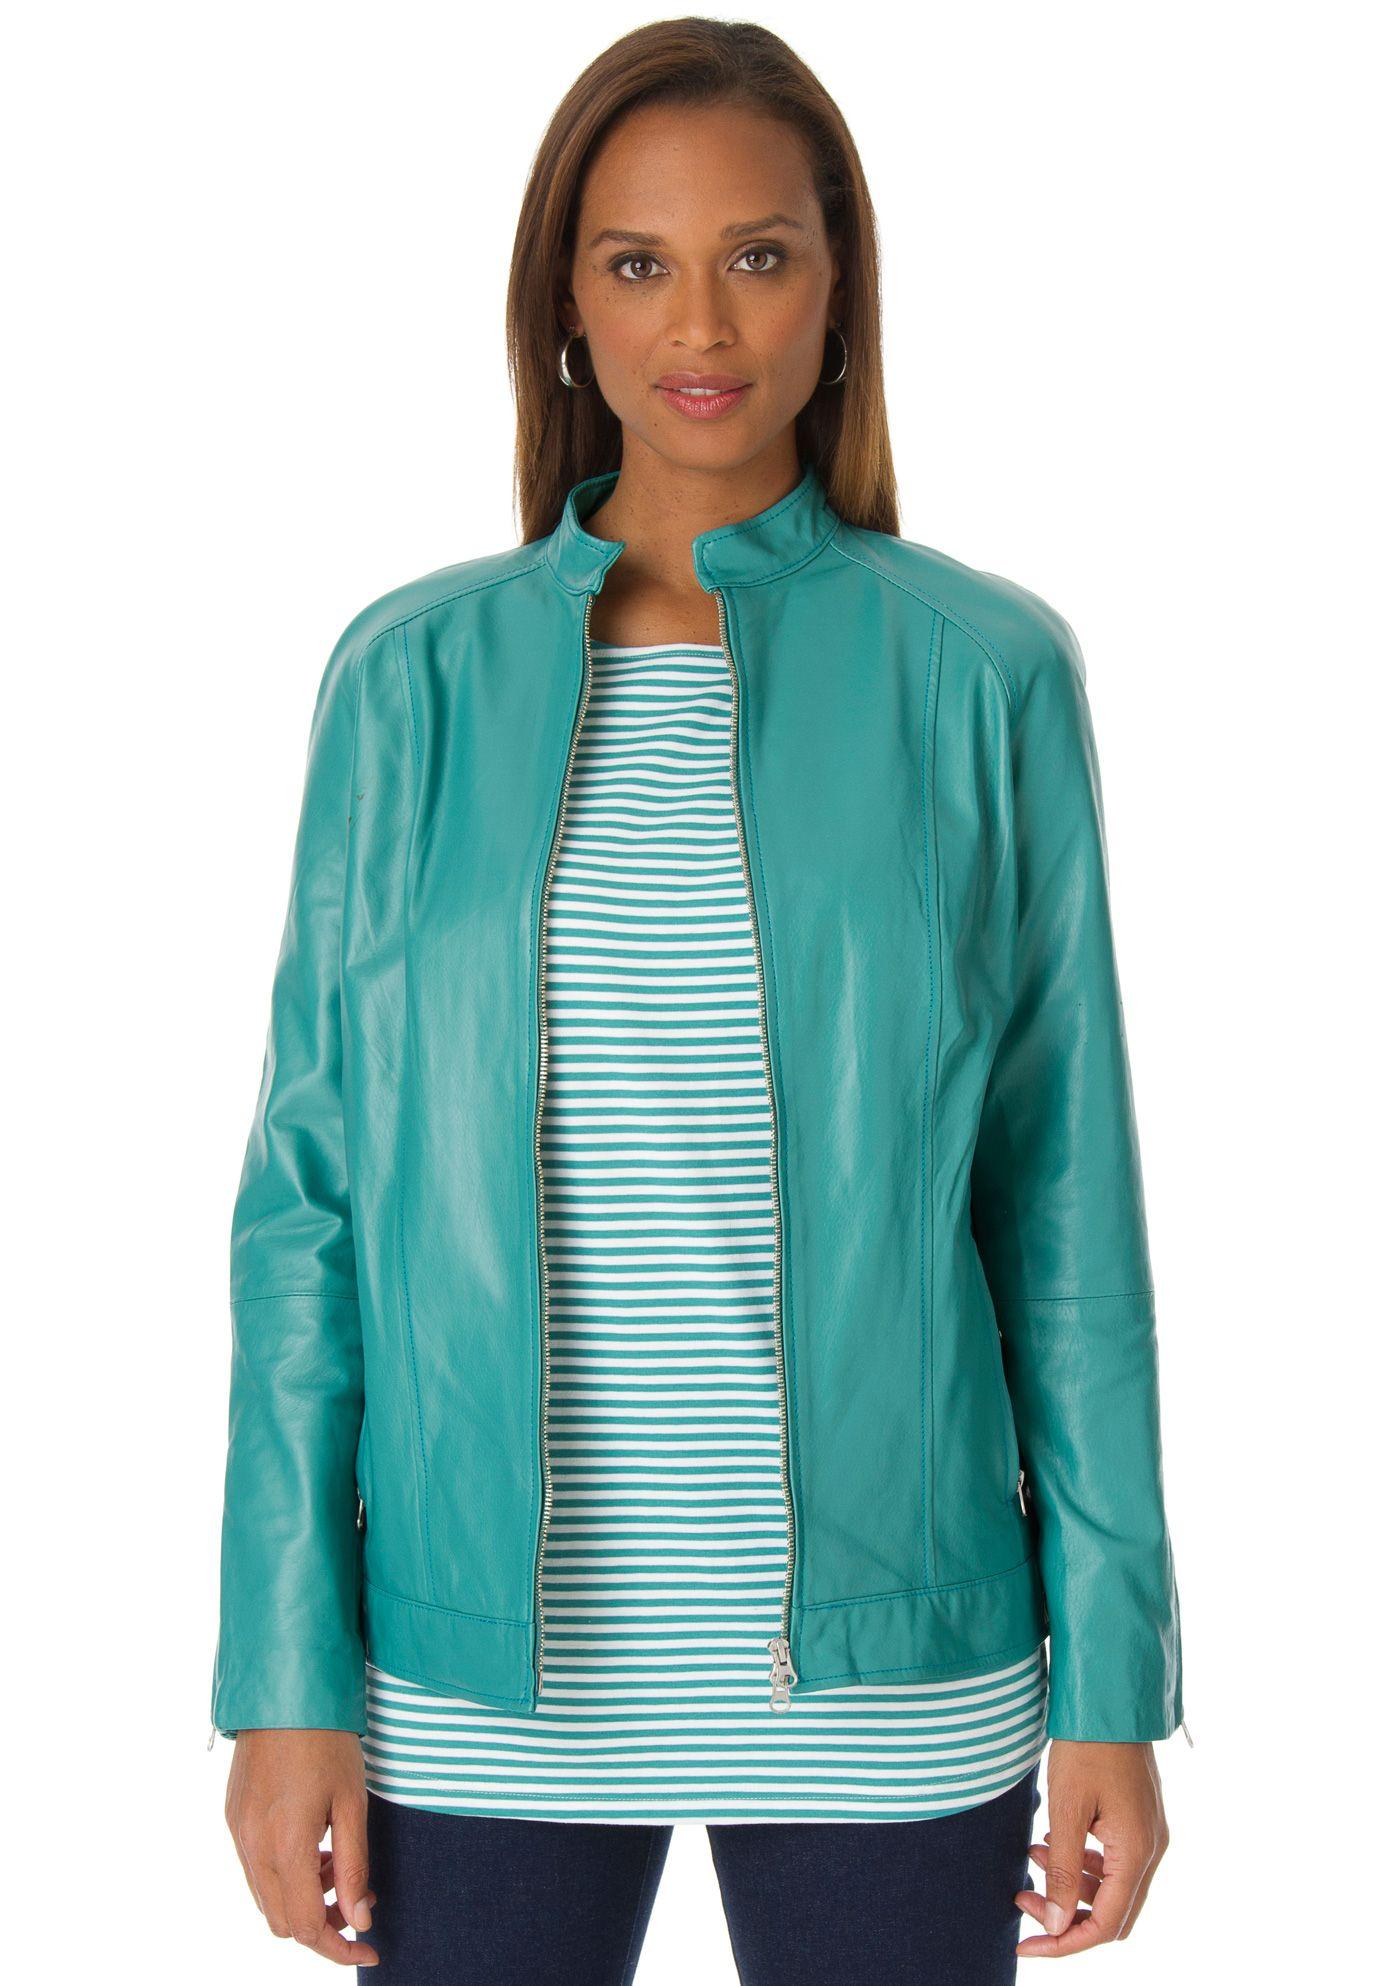 Plus Size Leather Jacket Plus size leather jacket